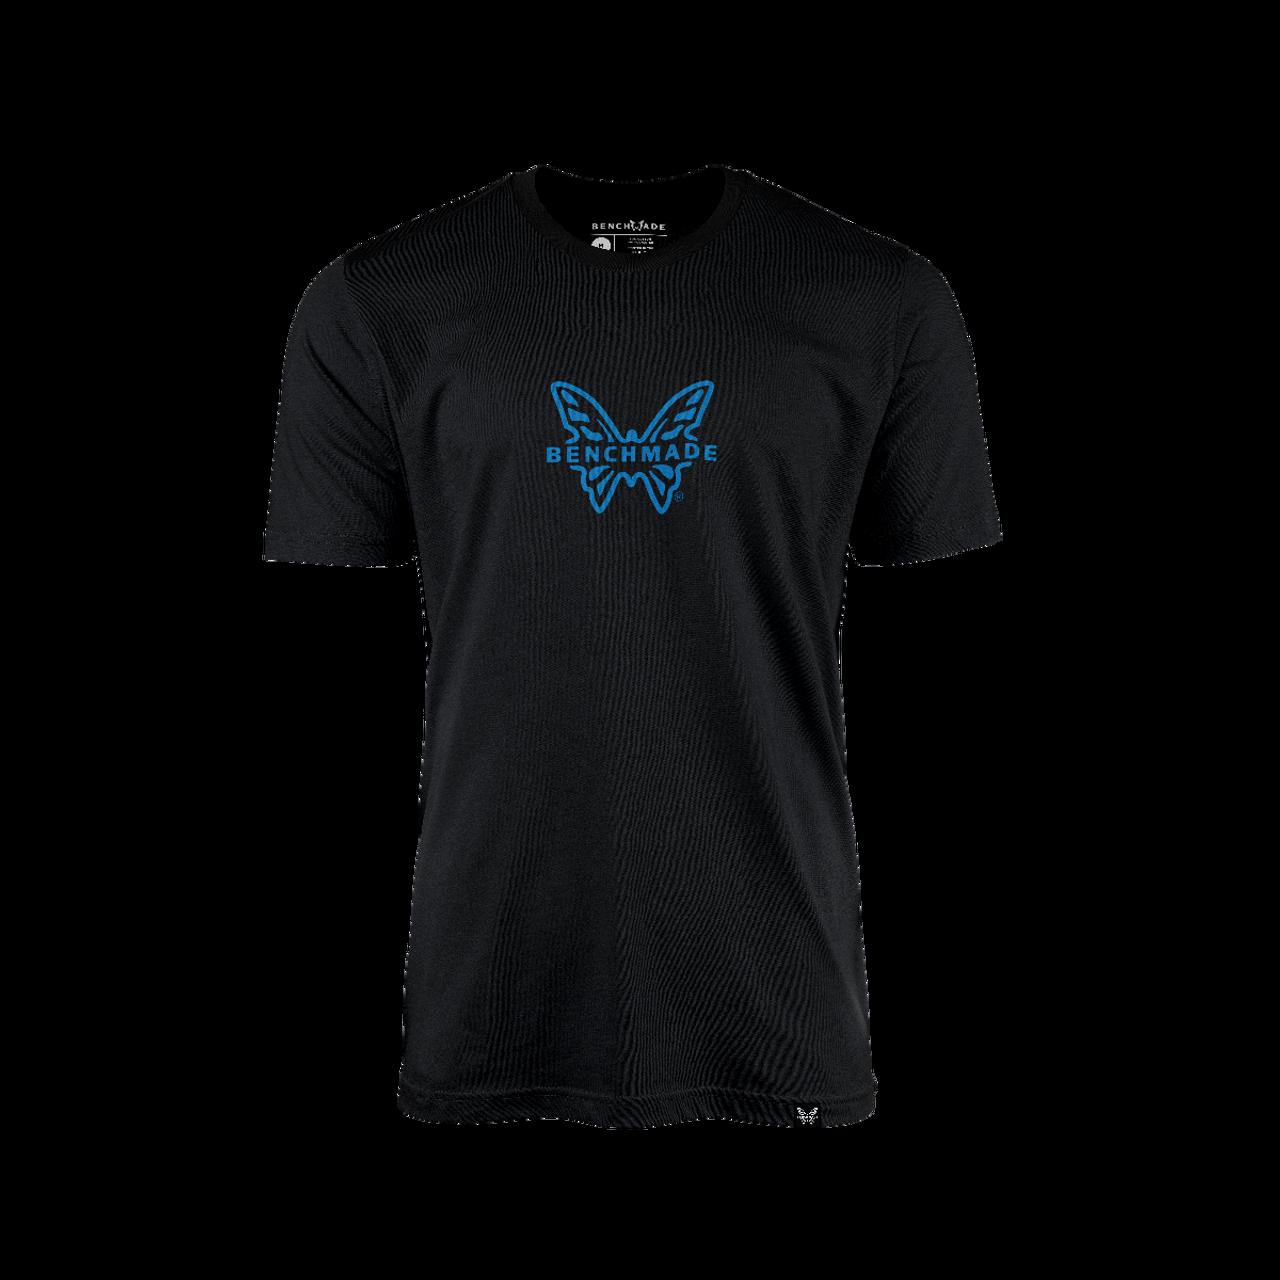 Benchmade Men's Favorite T-Shirt Black, Large